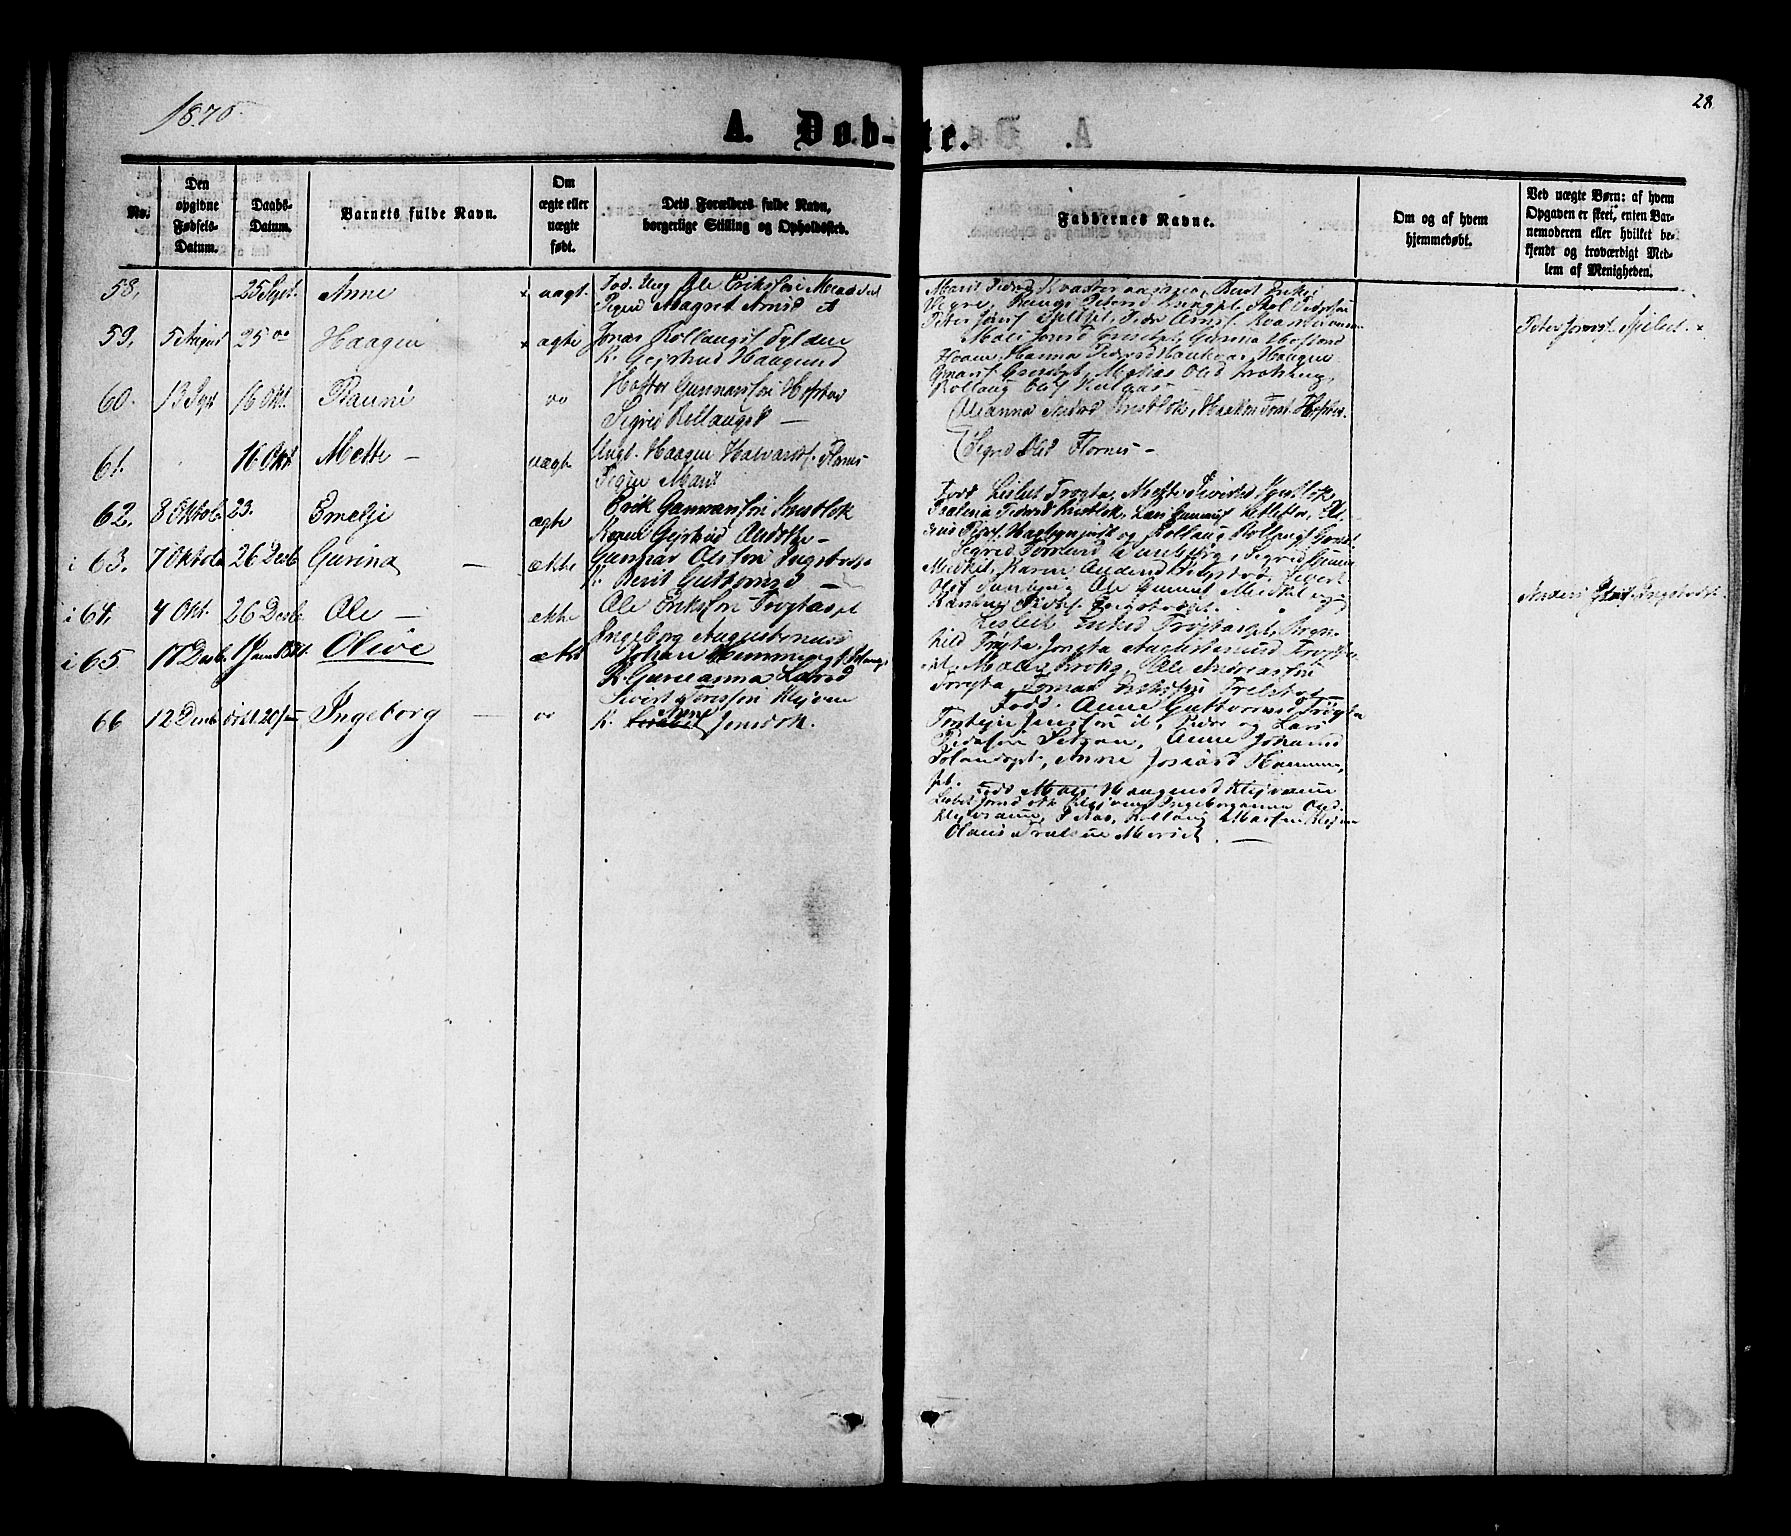 SAT, Ministerialprotokoller, klokkerbøker og fødselsregistre - Nord-Trøndelag, 703/L0038: Klokkerbok nr. 703C01, 1864-1870, s. 28